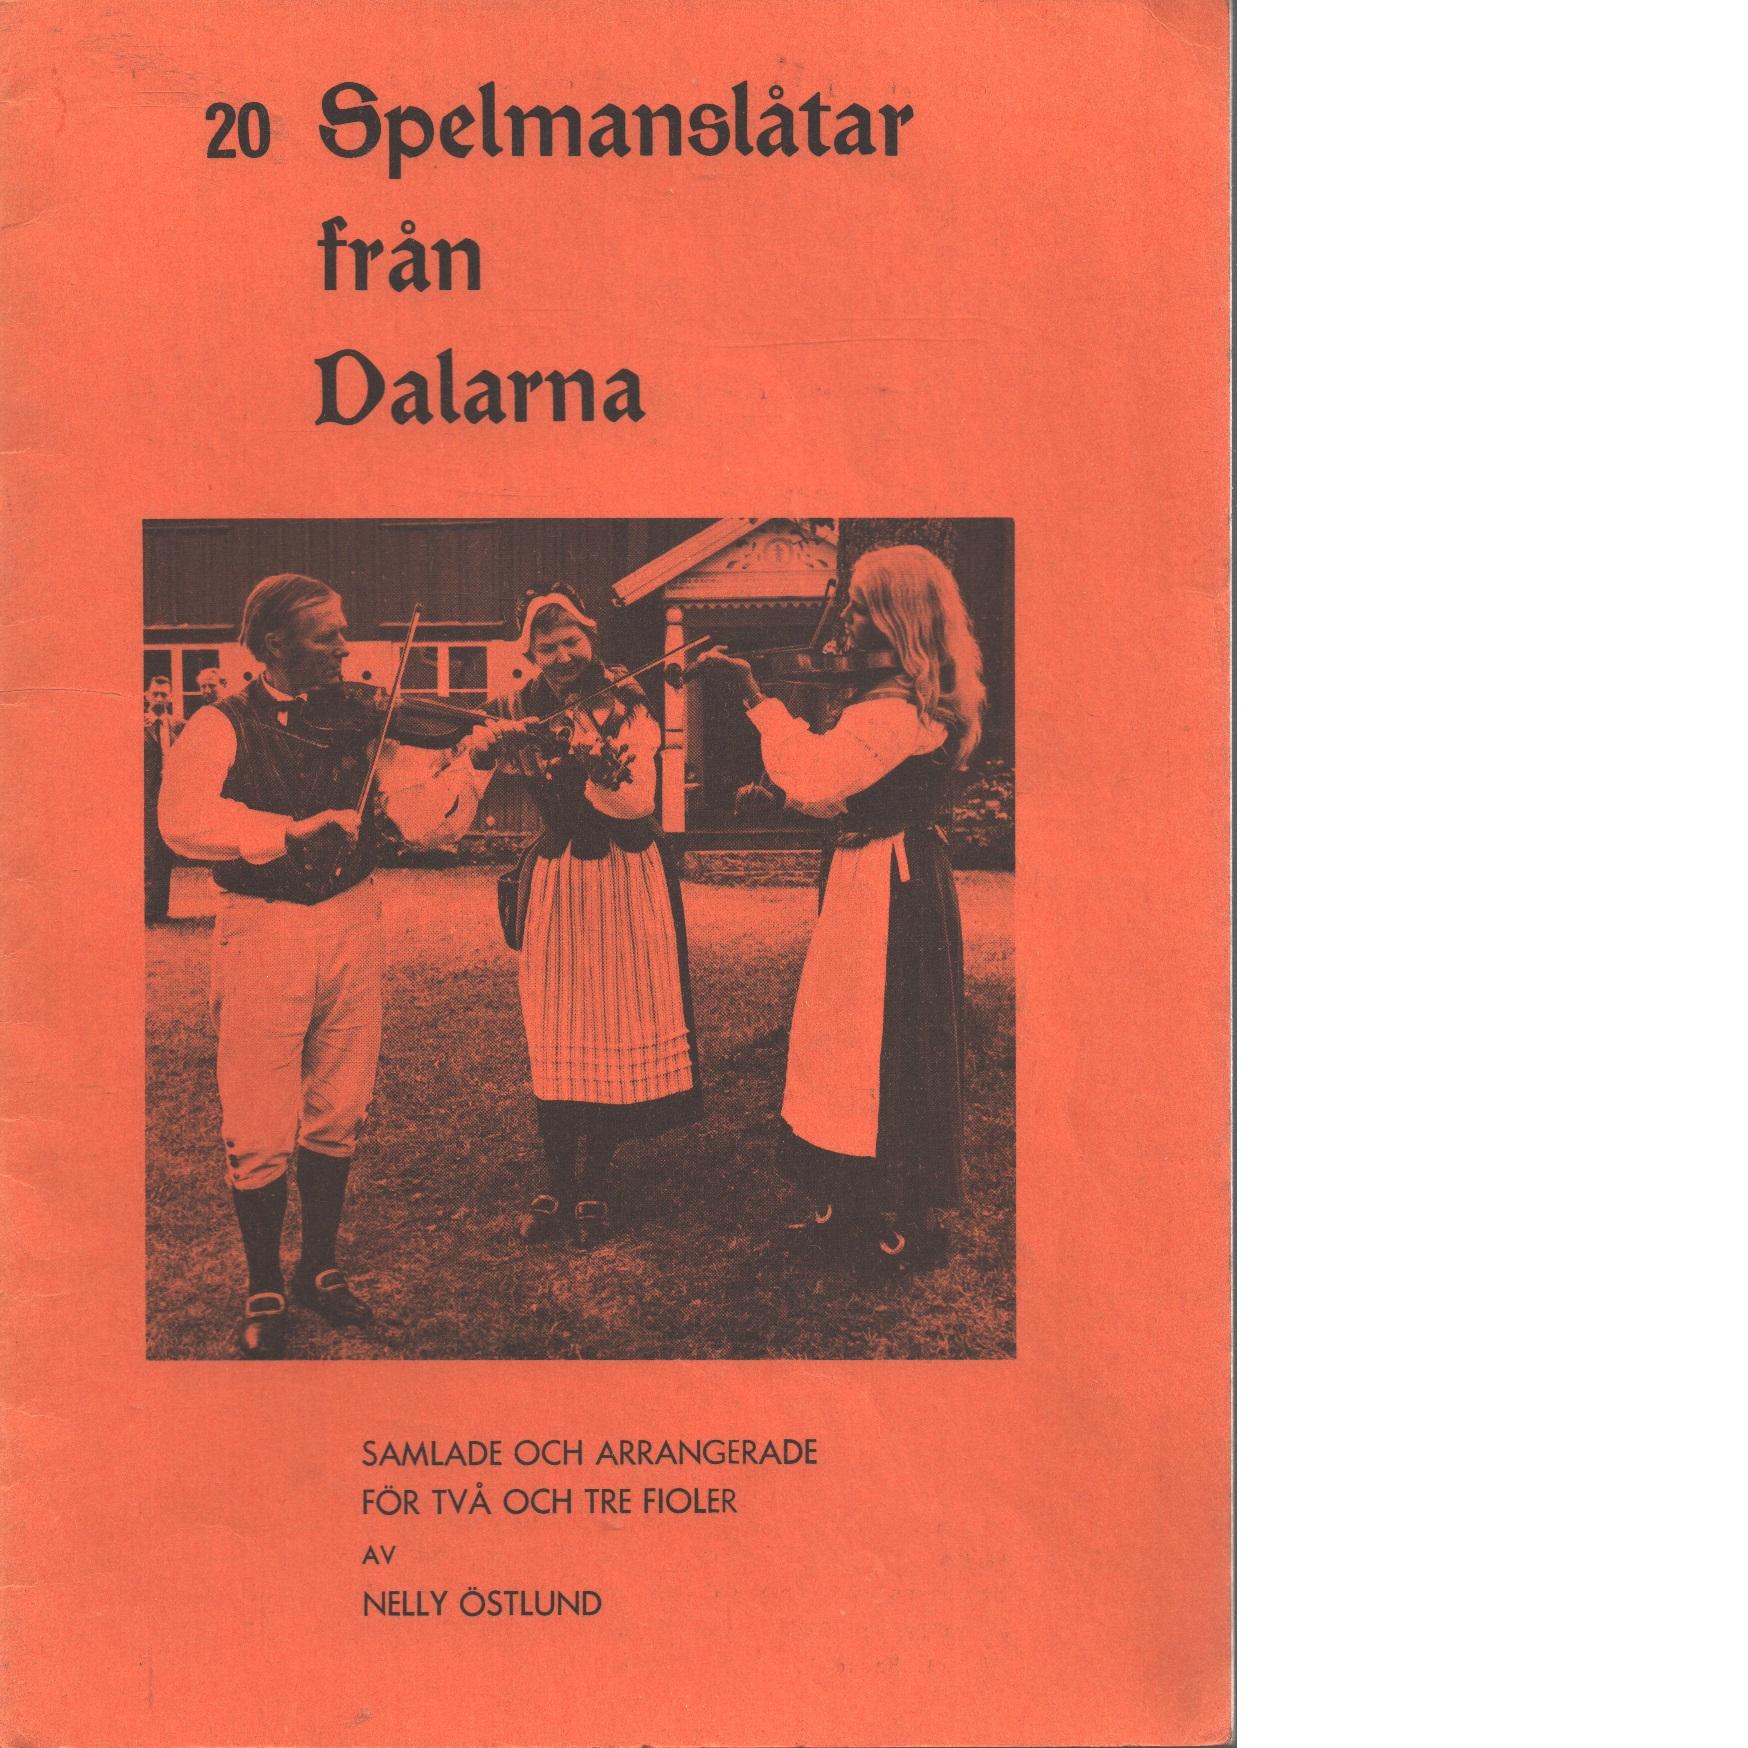 20 spelmanslåtar från Dalarna / samlade och arrangereade för två och tre fioler av Nelly Östlund - Red.